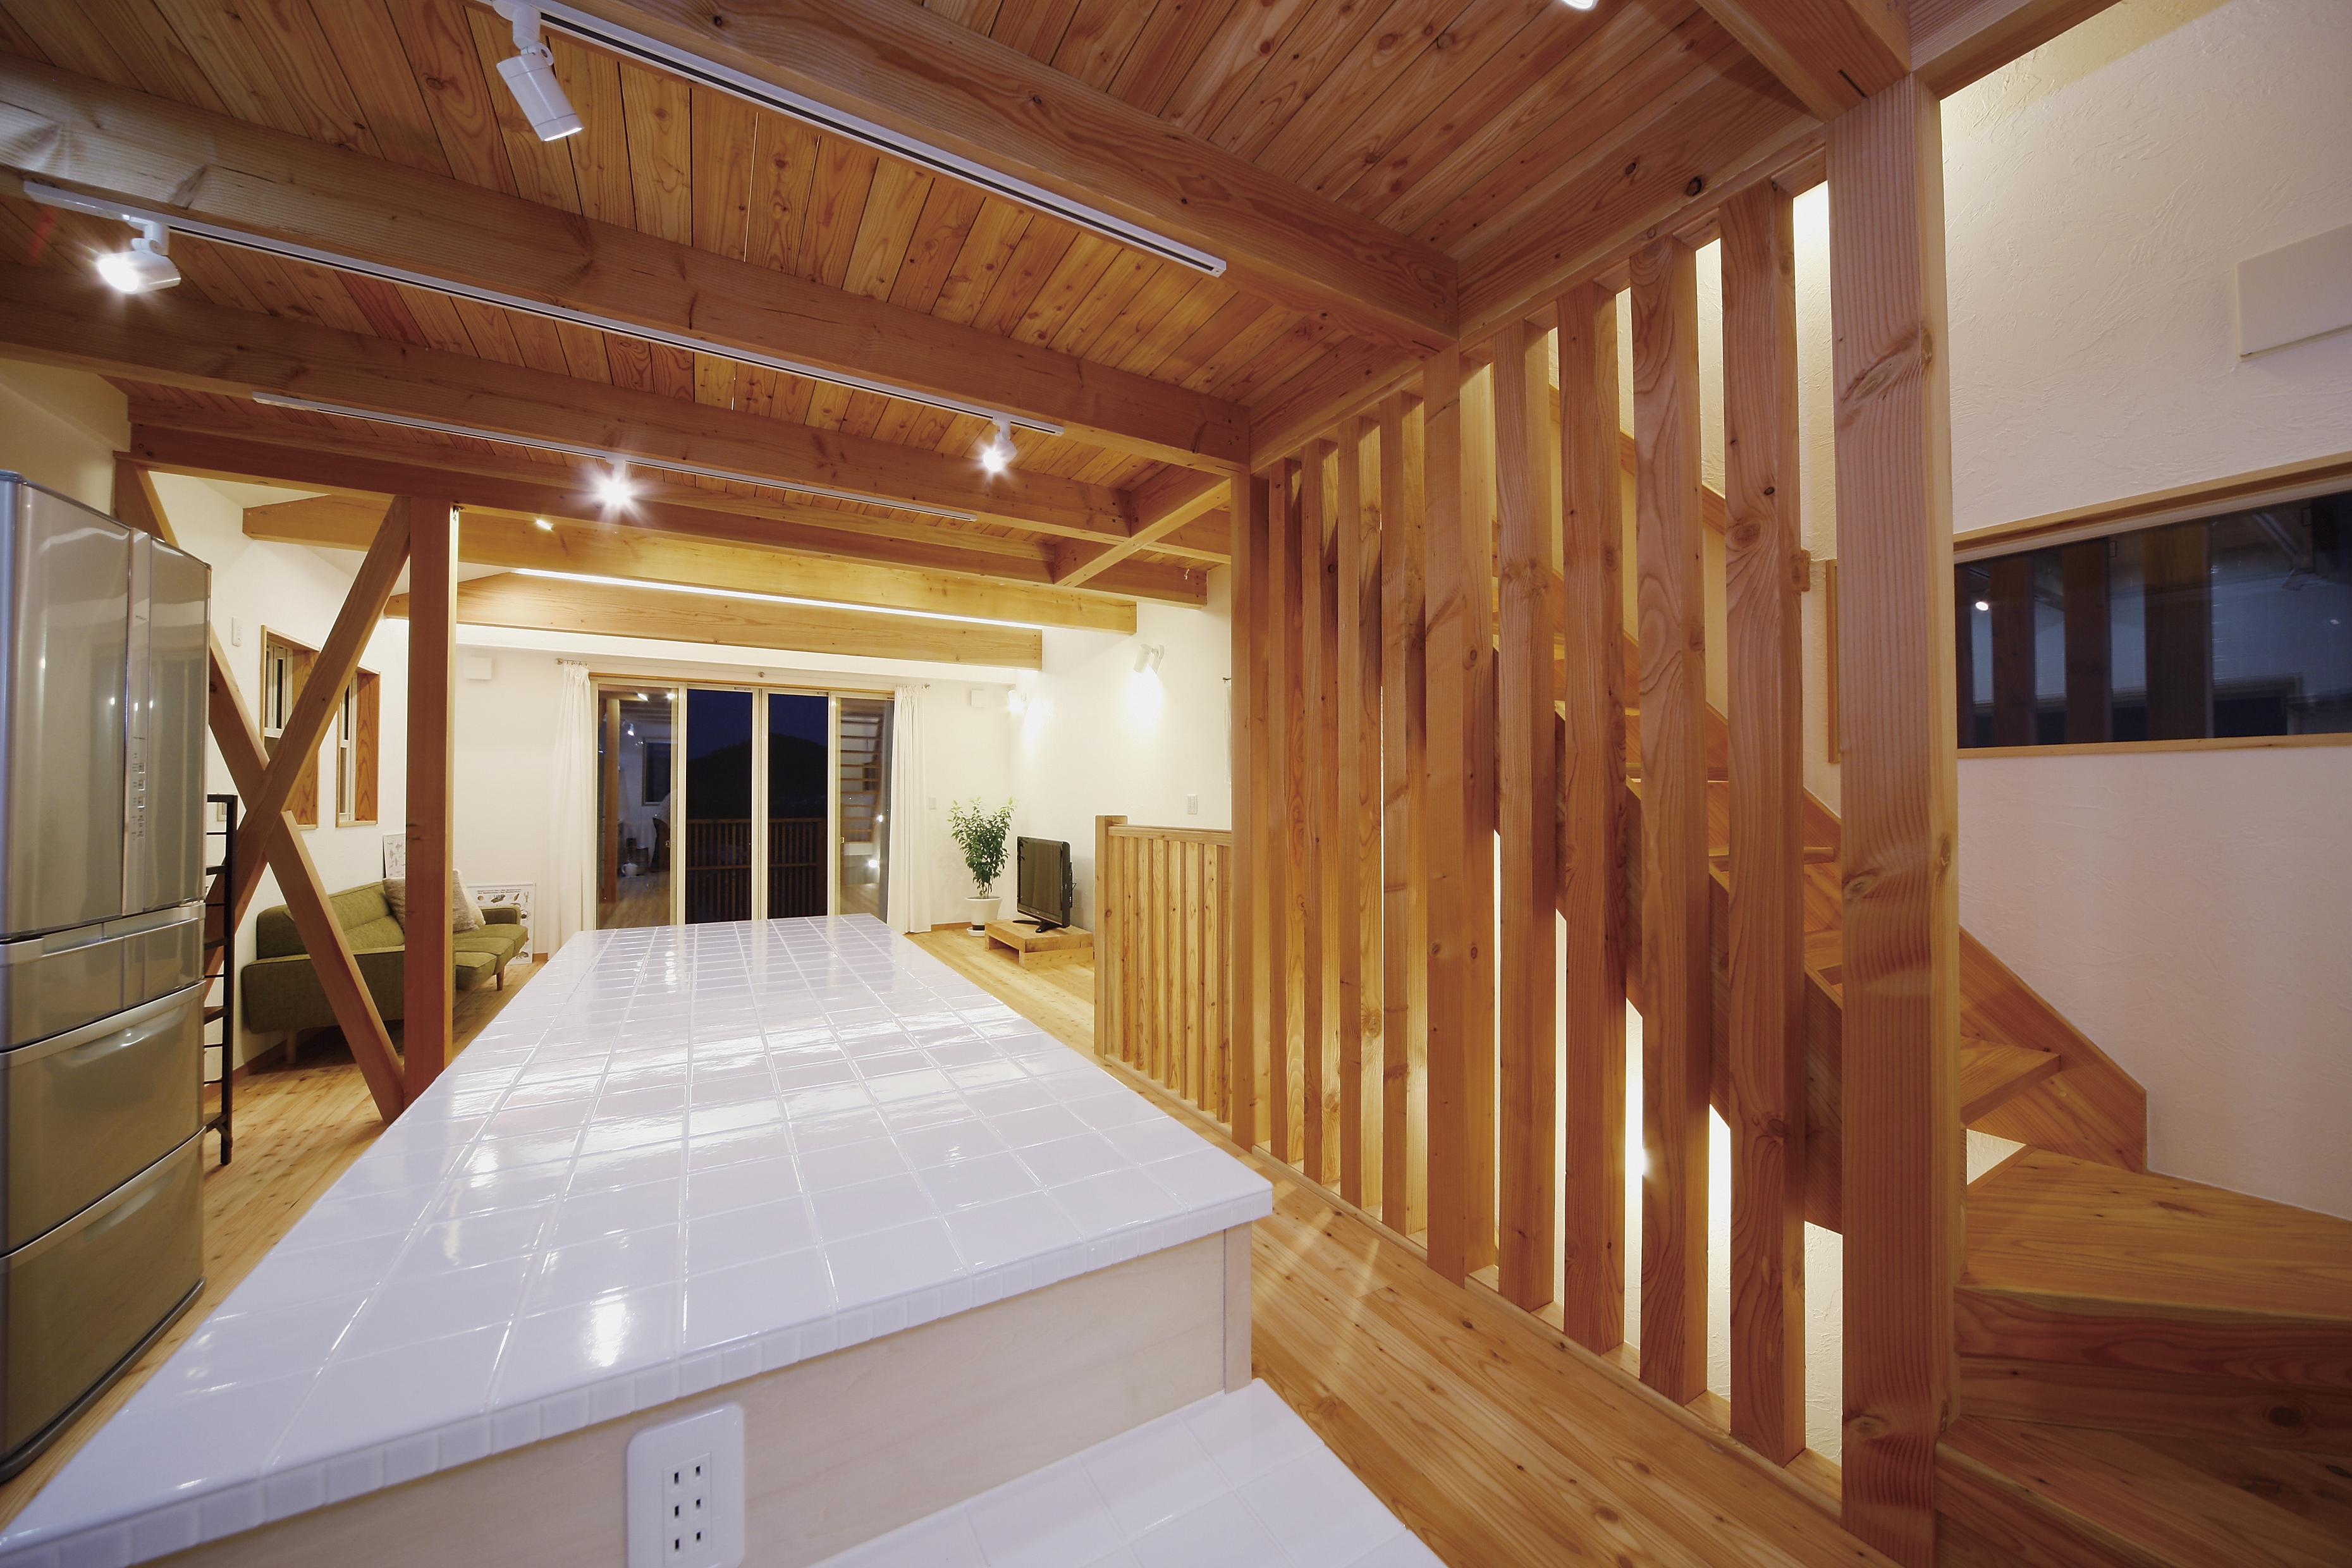 葉山と都内を往復する暮らし 休日を過ごすのは自然素材の家